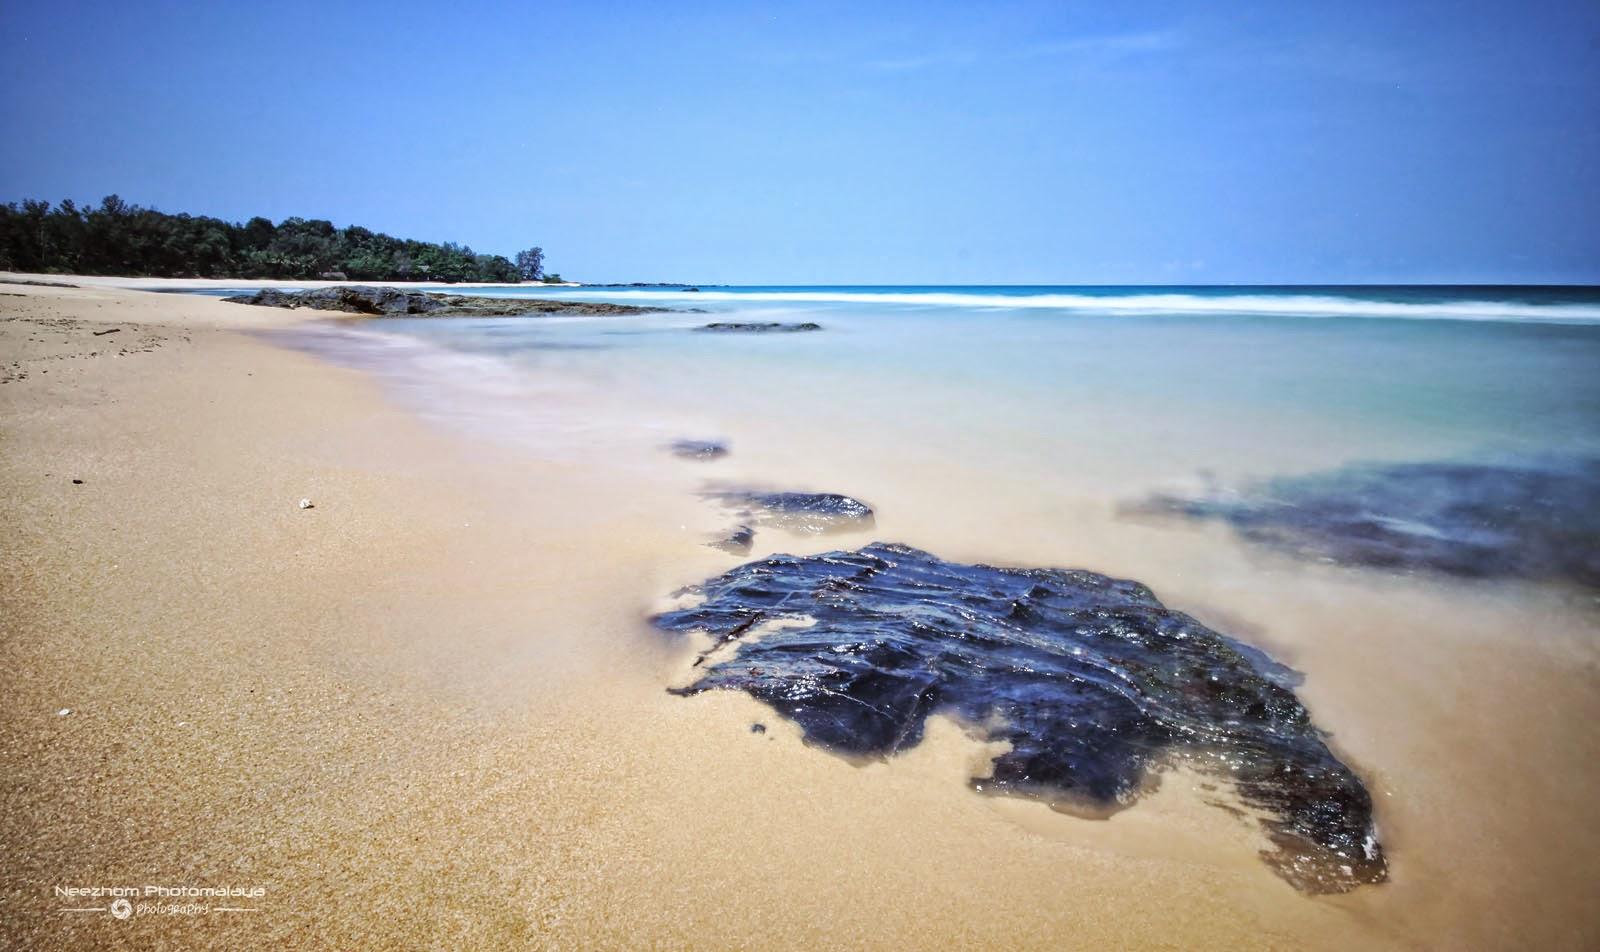 Pantai Tanjung Jara, Dungun